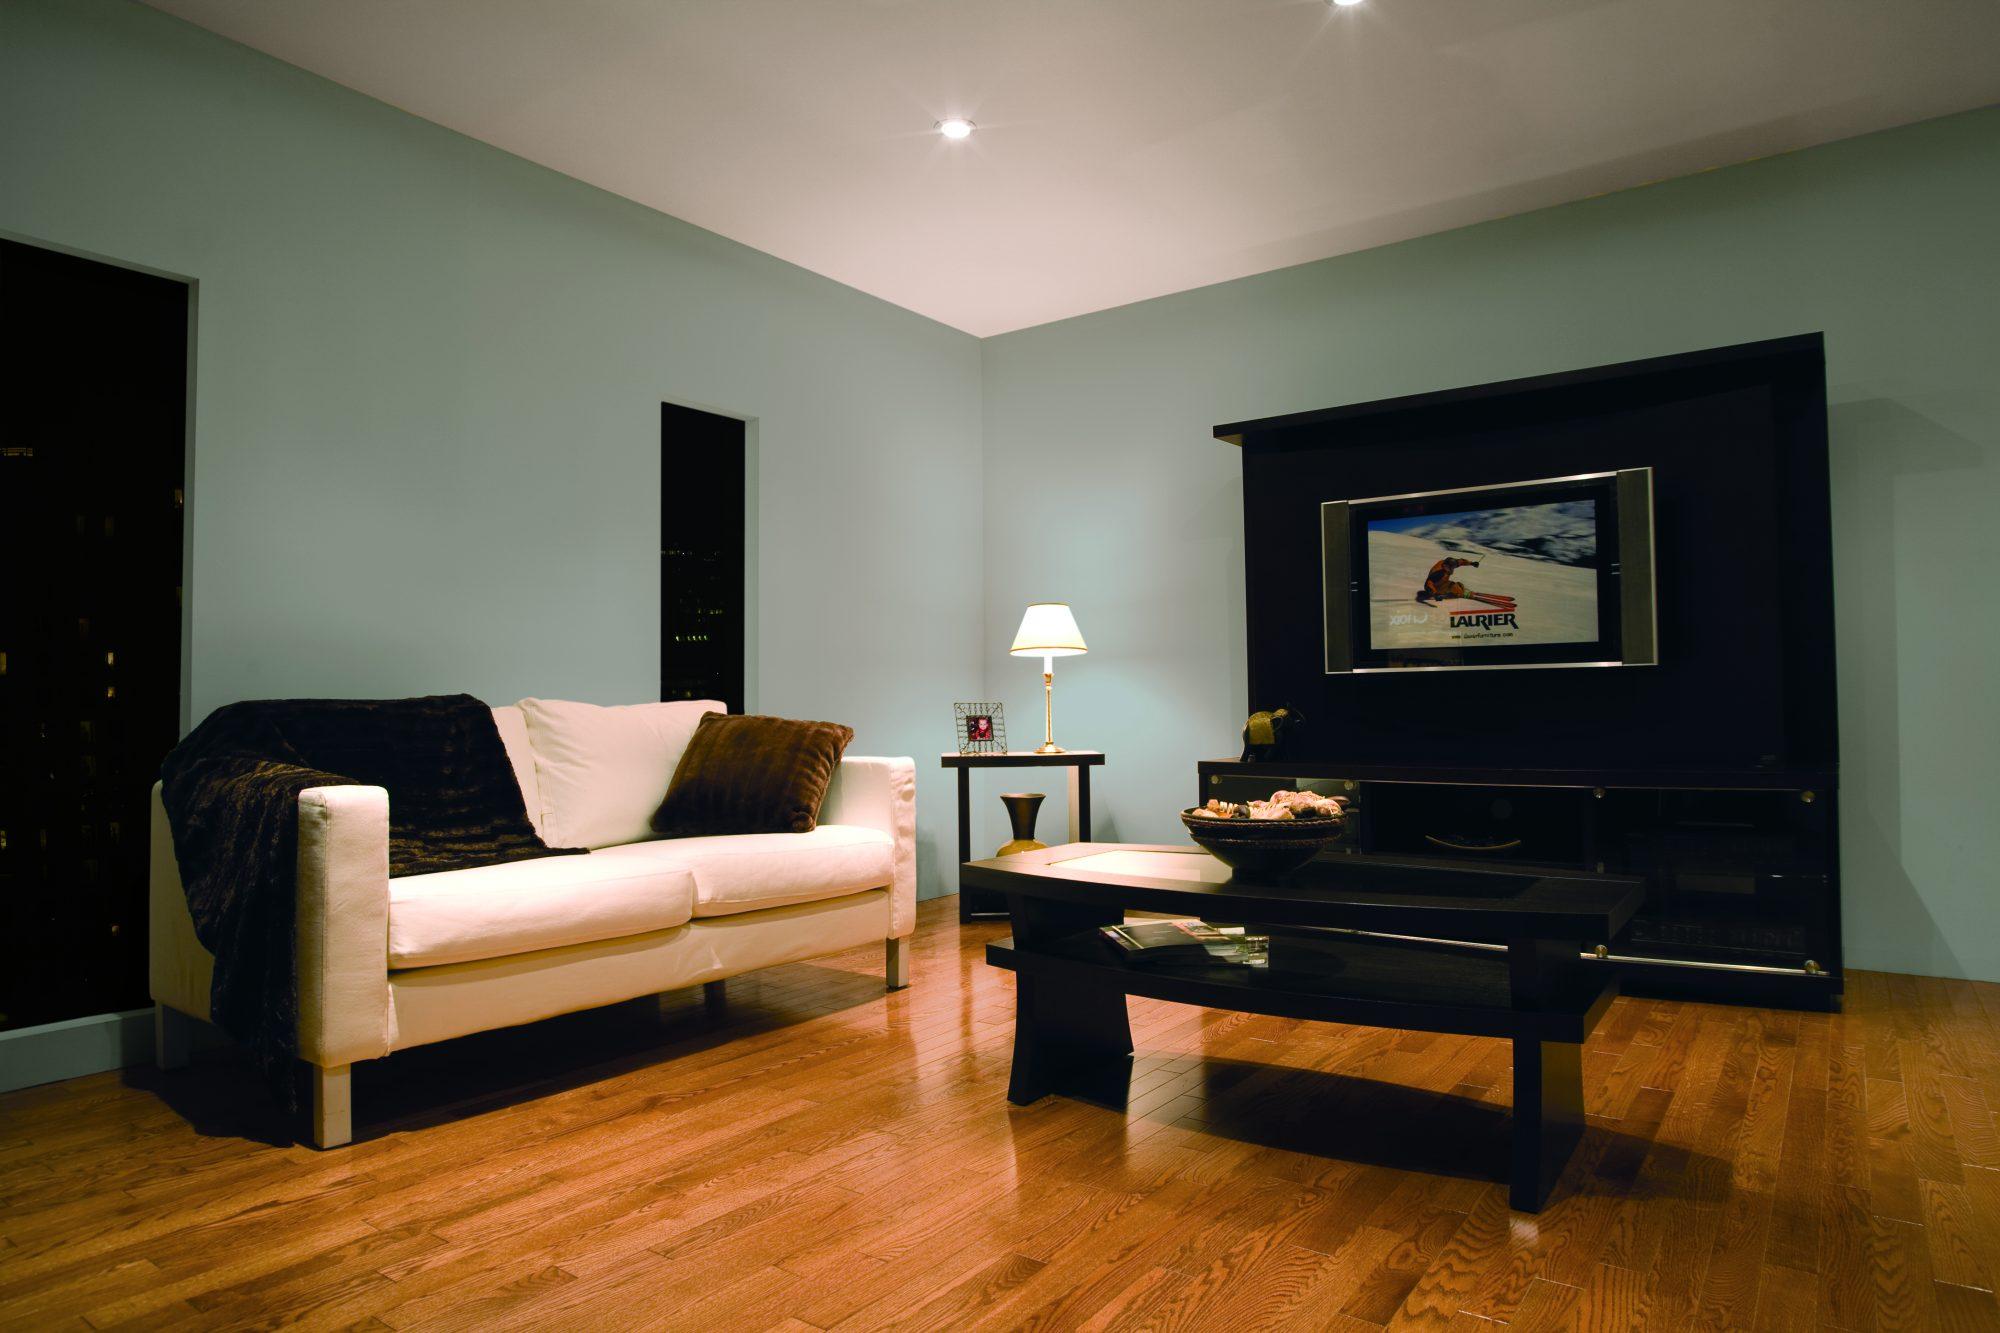 Wooden Floor Made of Red Oak